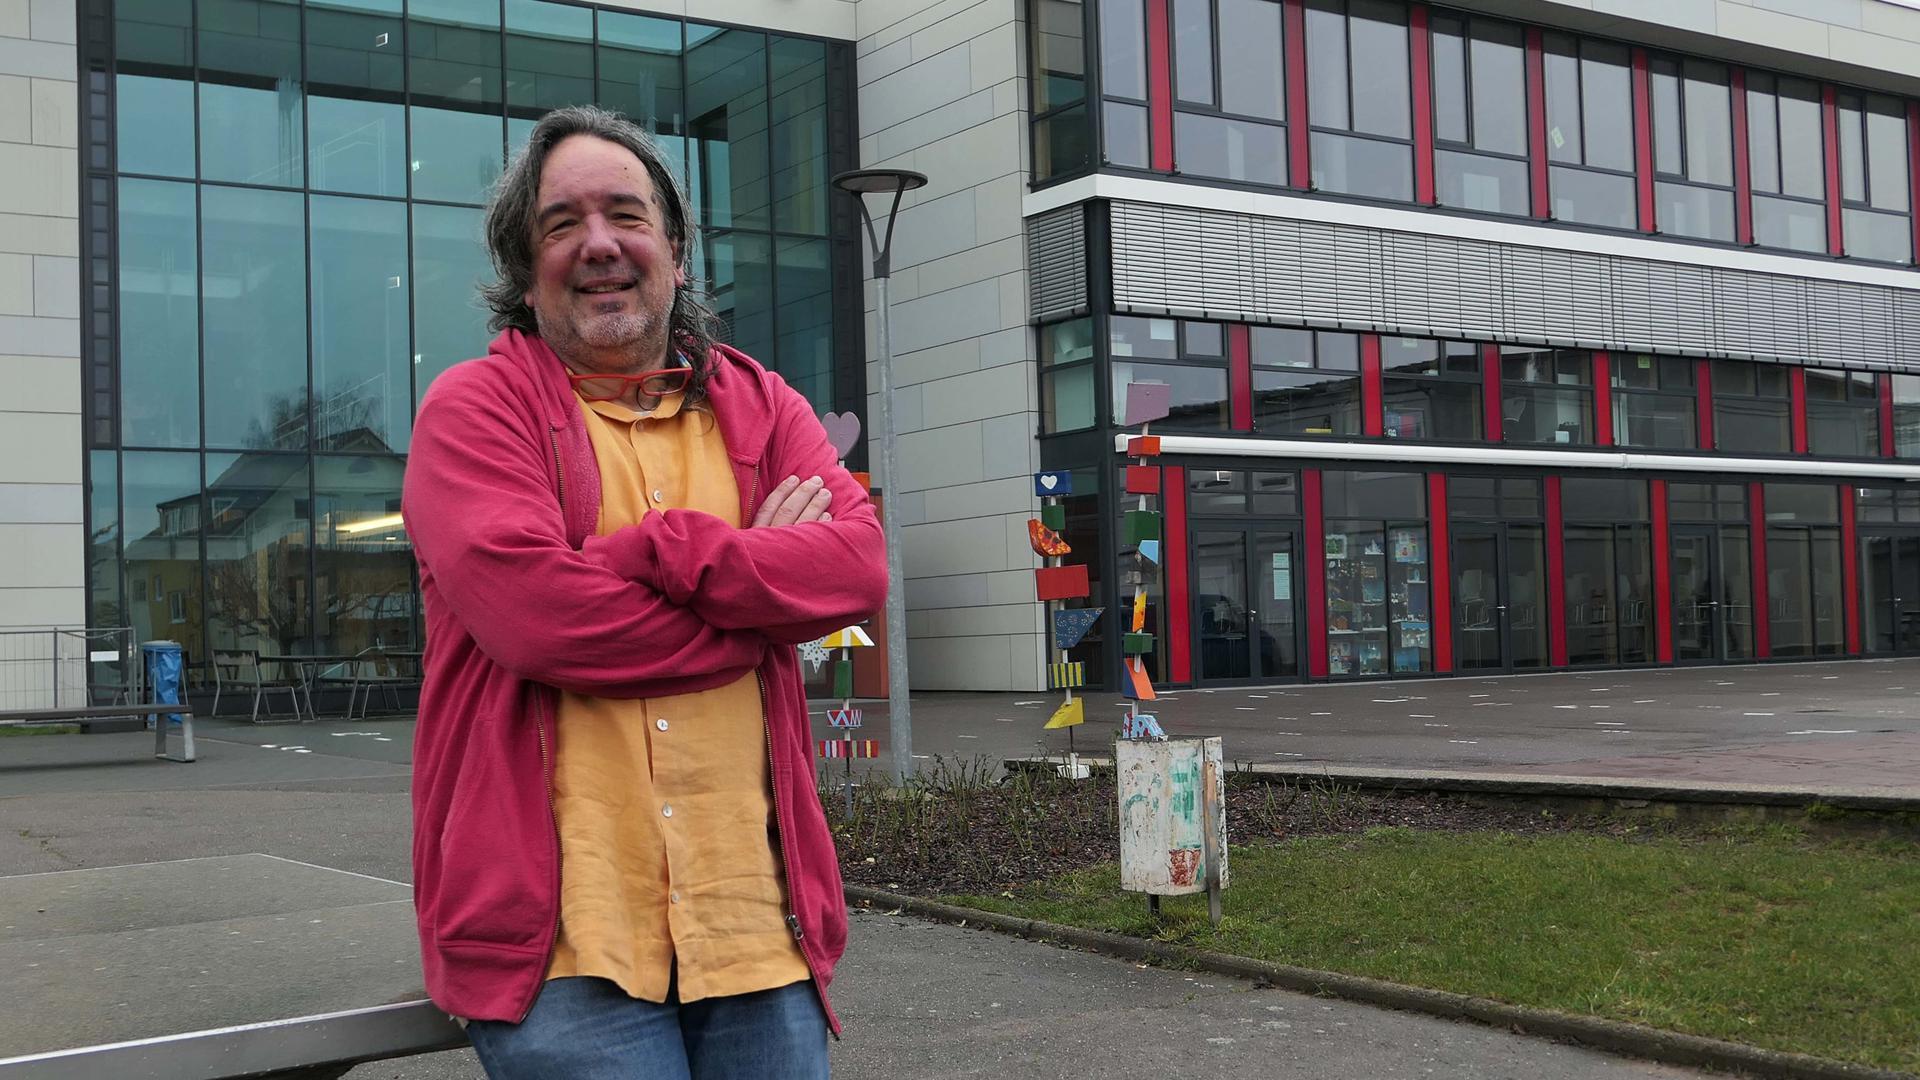 Mann mit roter Jacke vor einem Gebäude